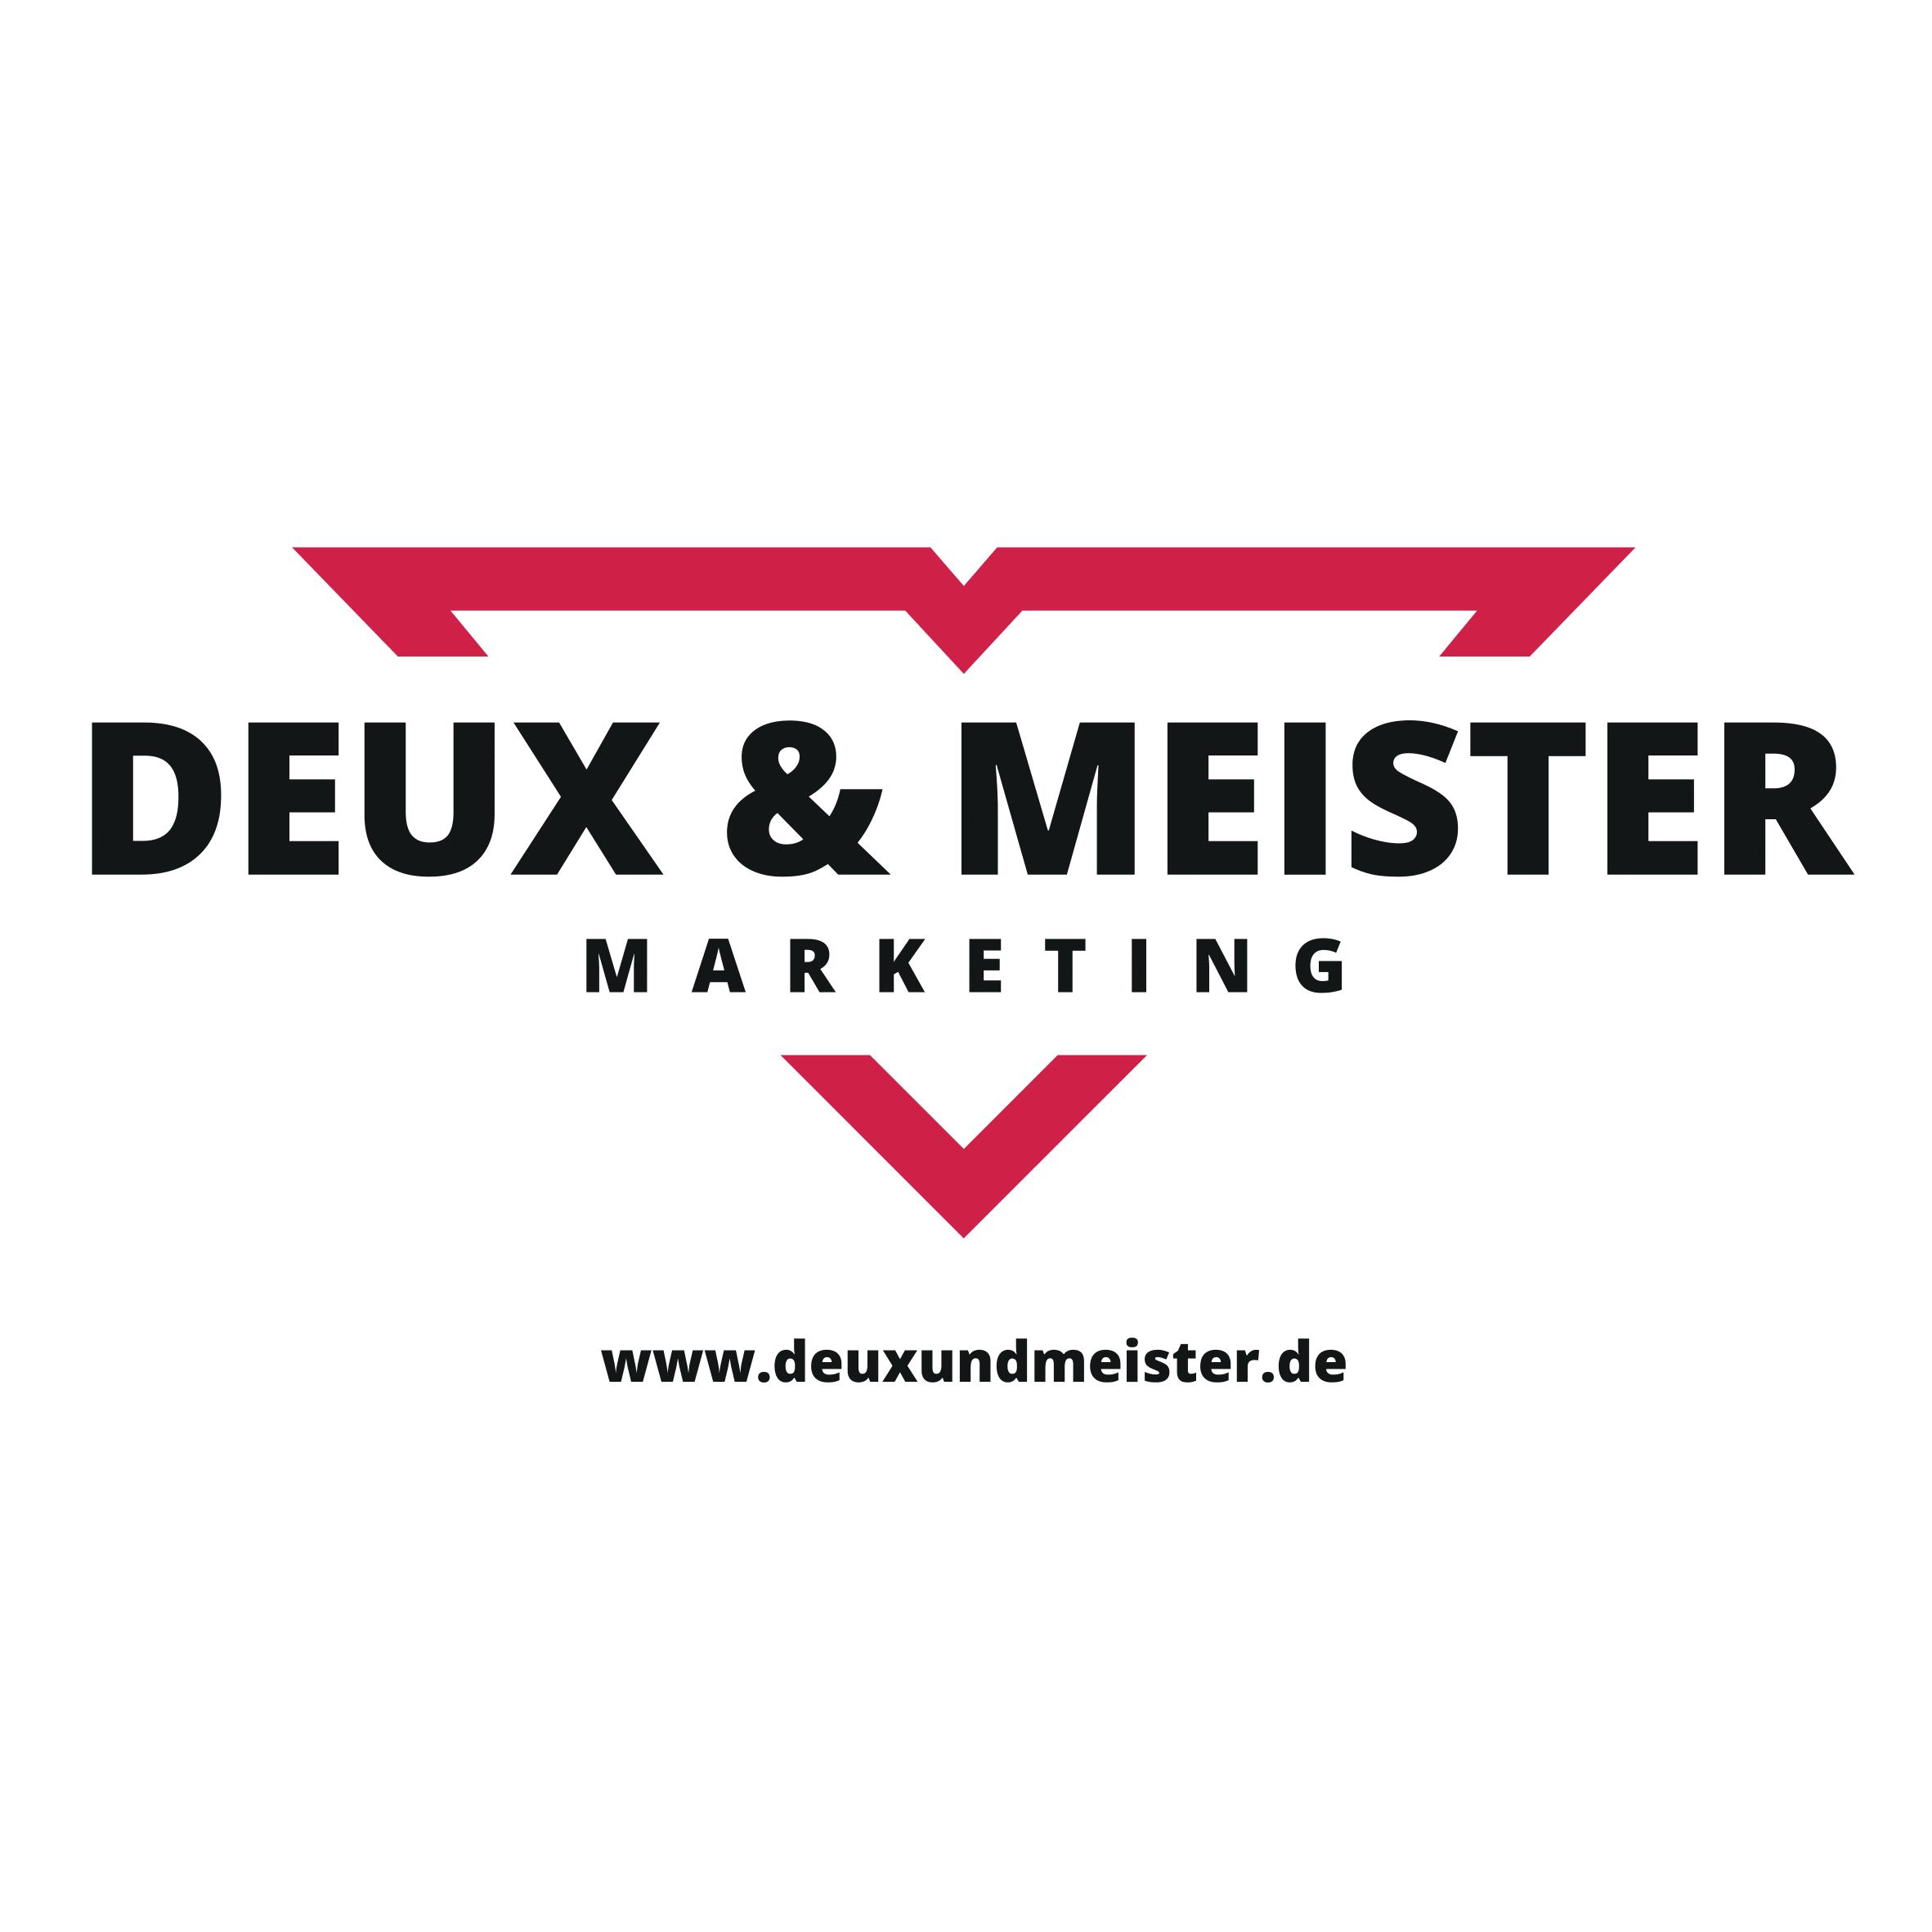 Deux & Meister GbR